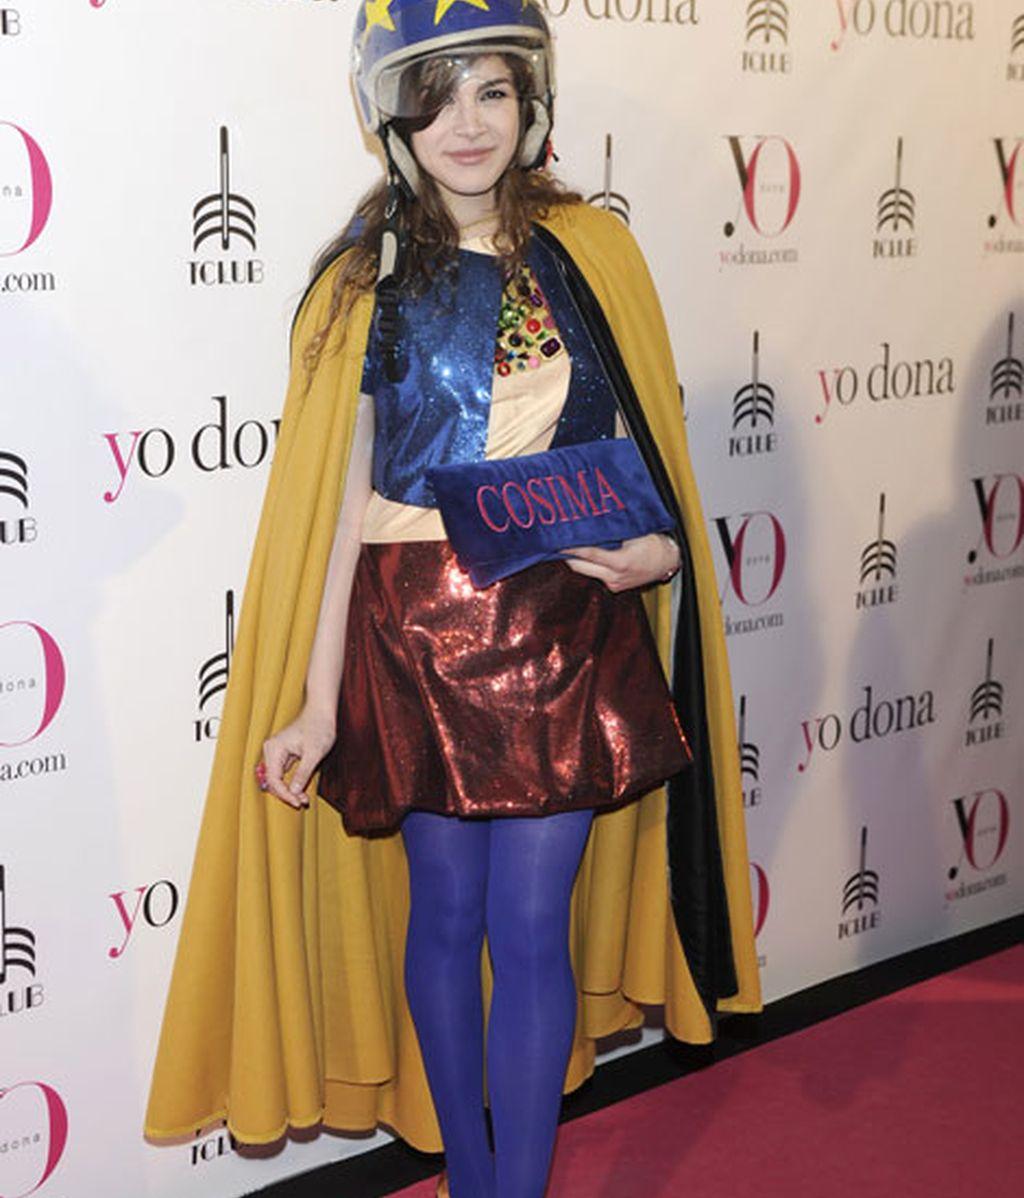 Cósima Ramírez Ruiz de la Prada acudió con un diseño peculiar